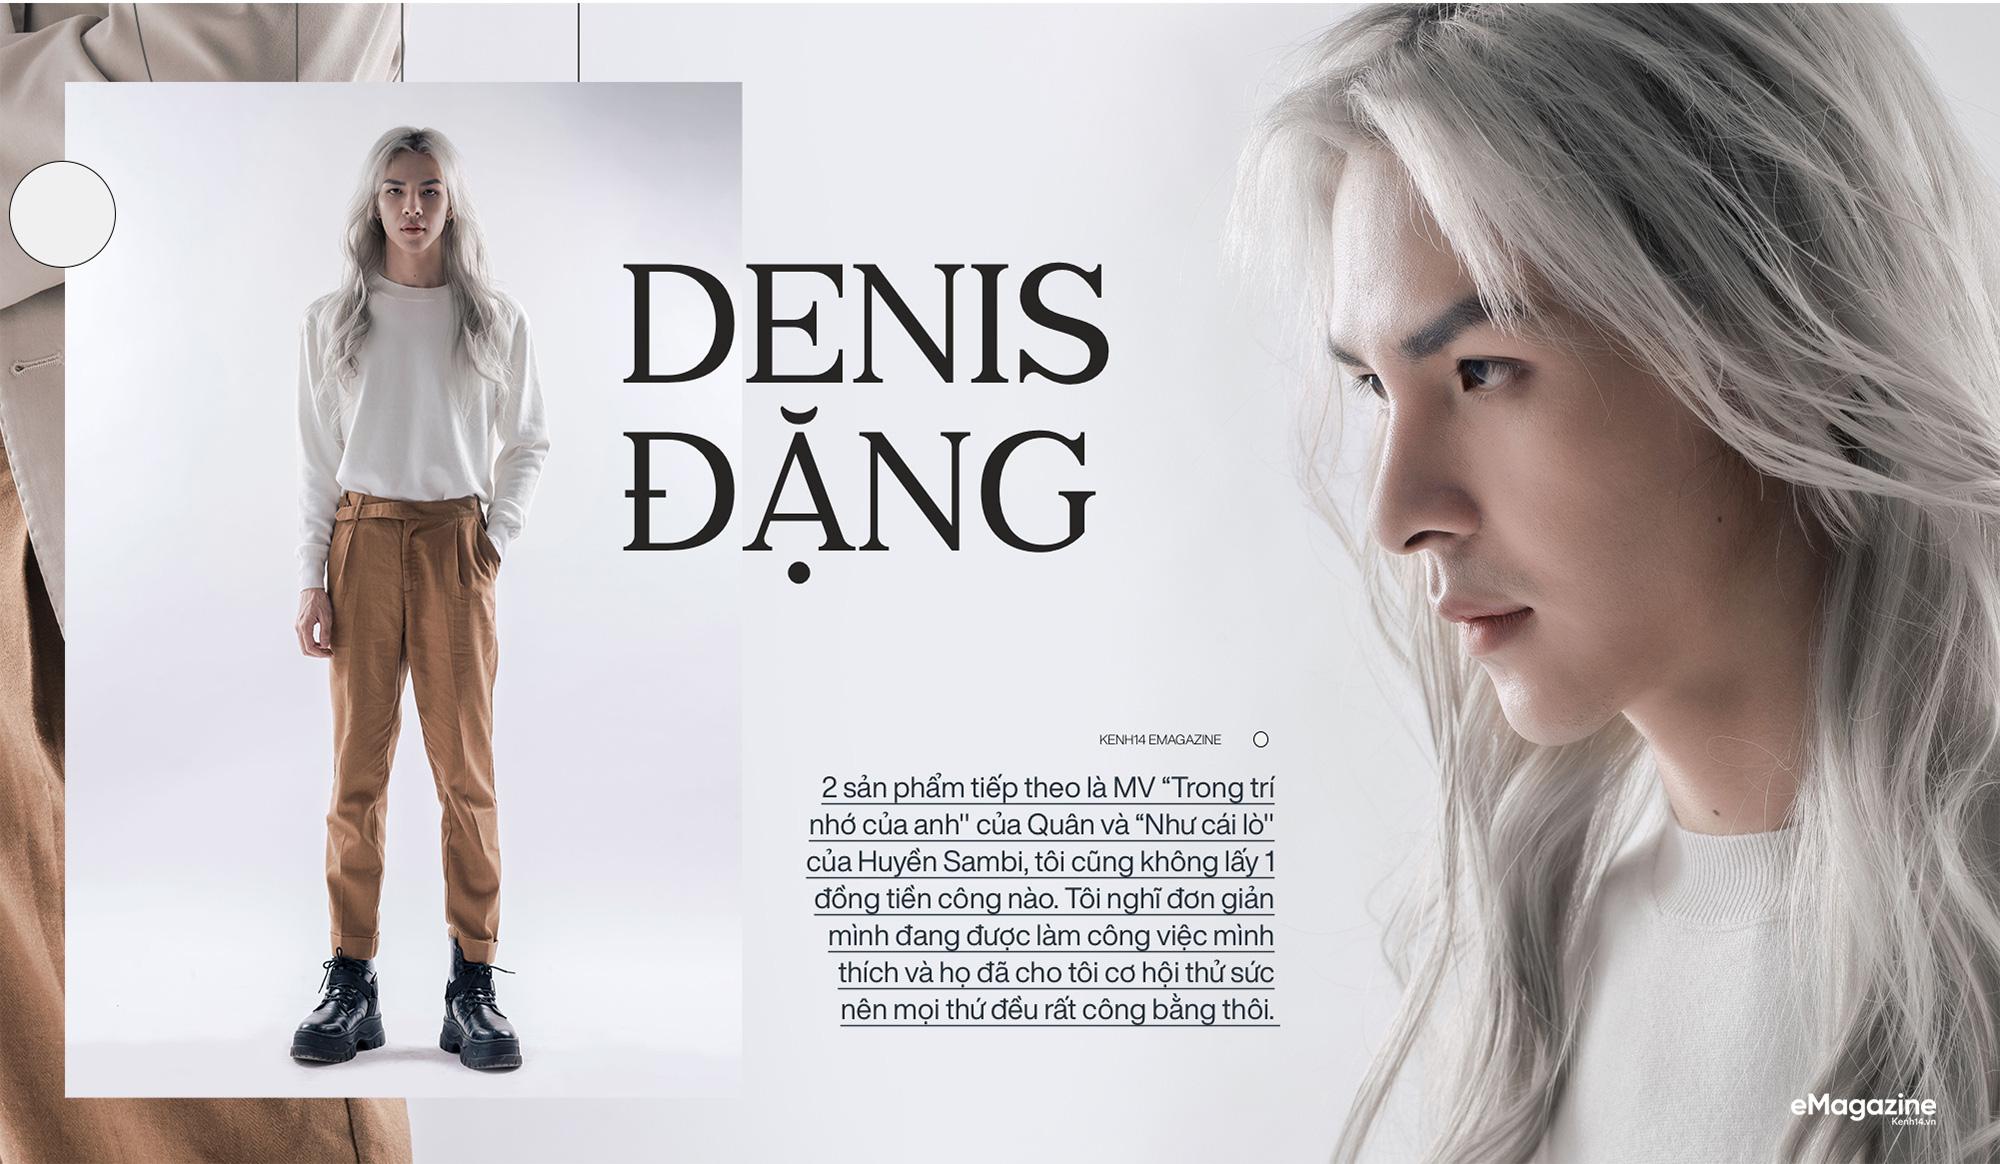 """Denis Đặng: Là """"giám đốc sáng tạo hay đạo cụ sân khấu cũng được, chỉ cần được sống với đam mê - Ảnh 6."""